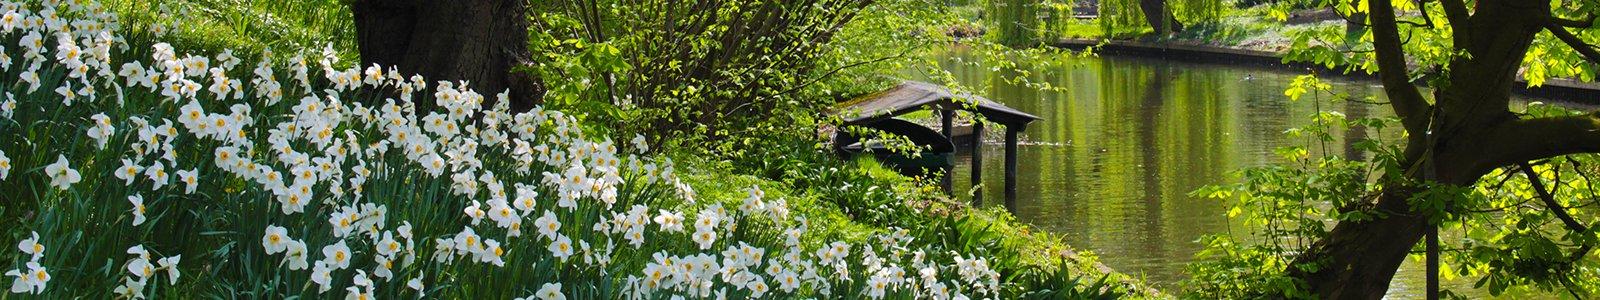 Voorjaar in de Botanische Tuinen